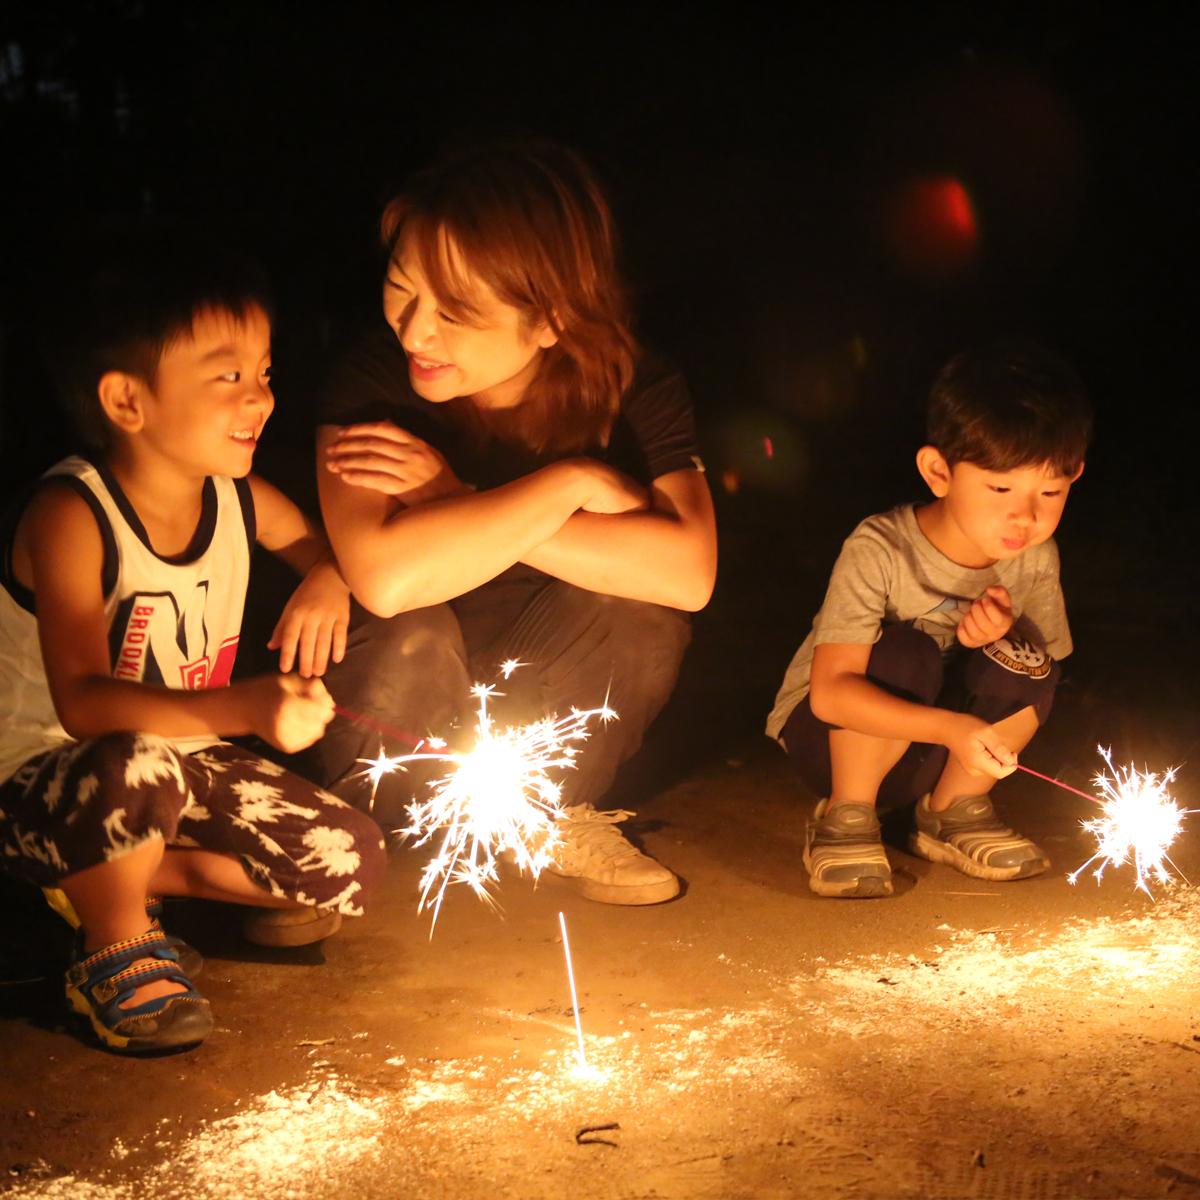 所沢市のあかね保育園のお泊まり合宿の花火の画像